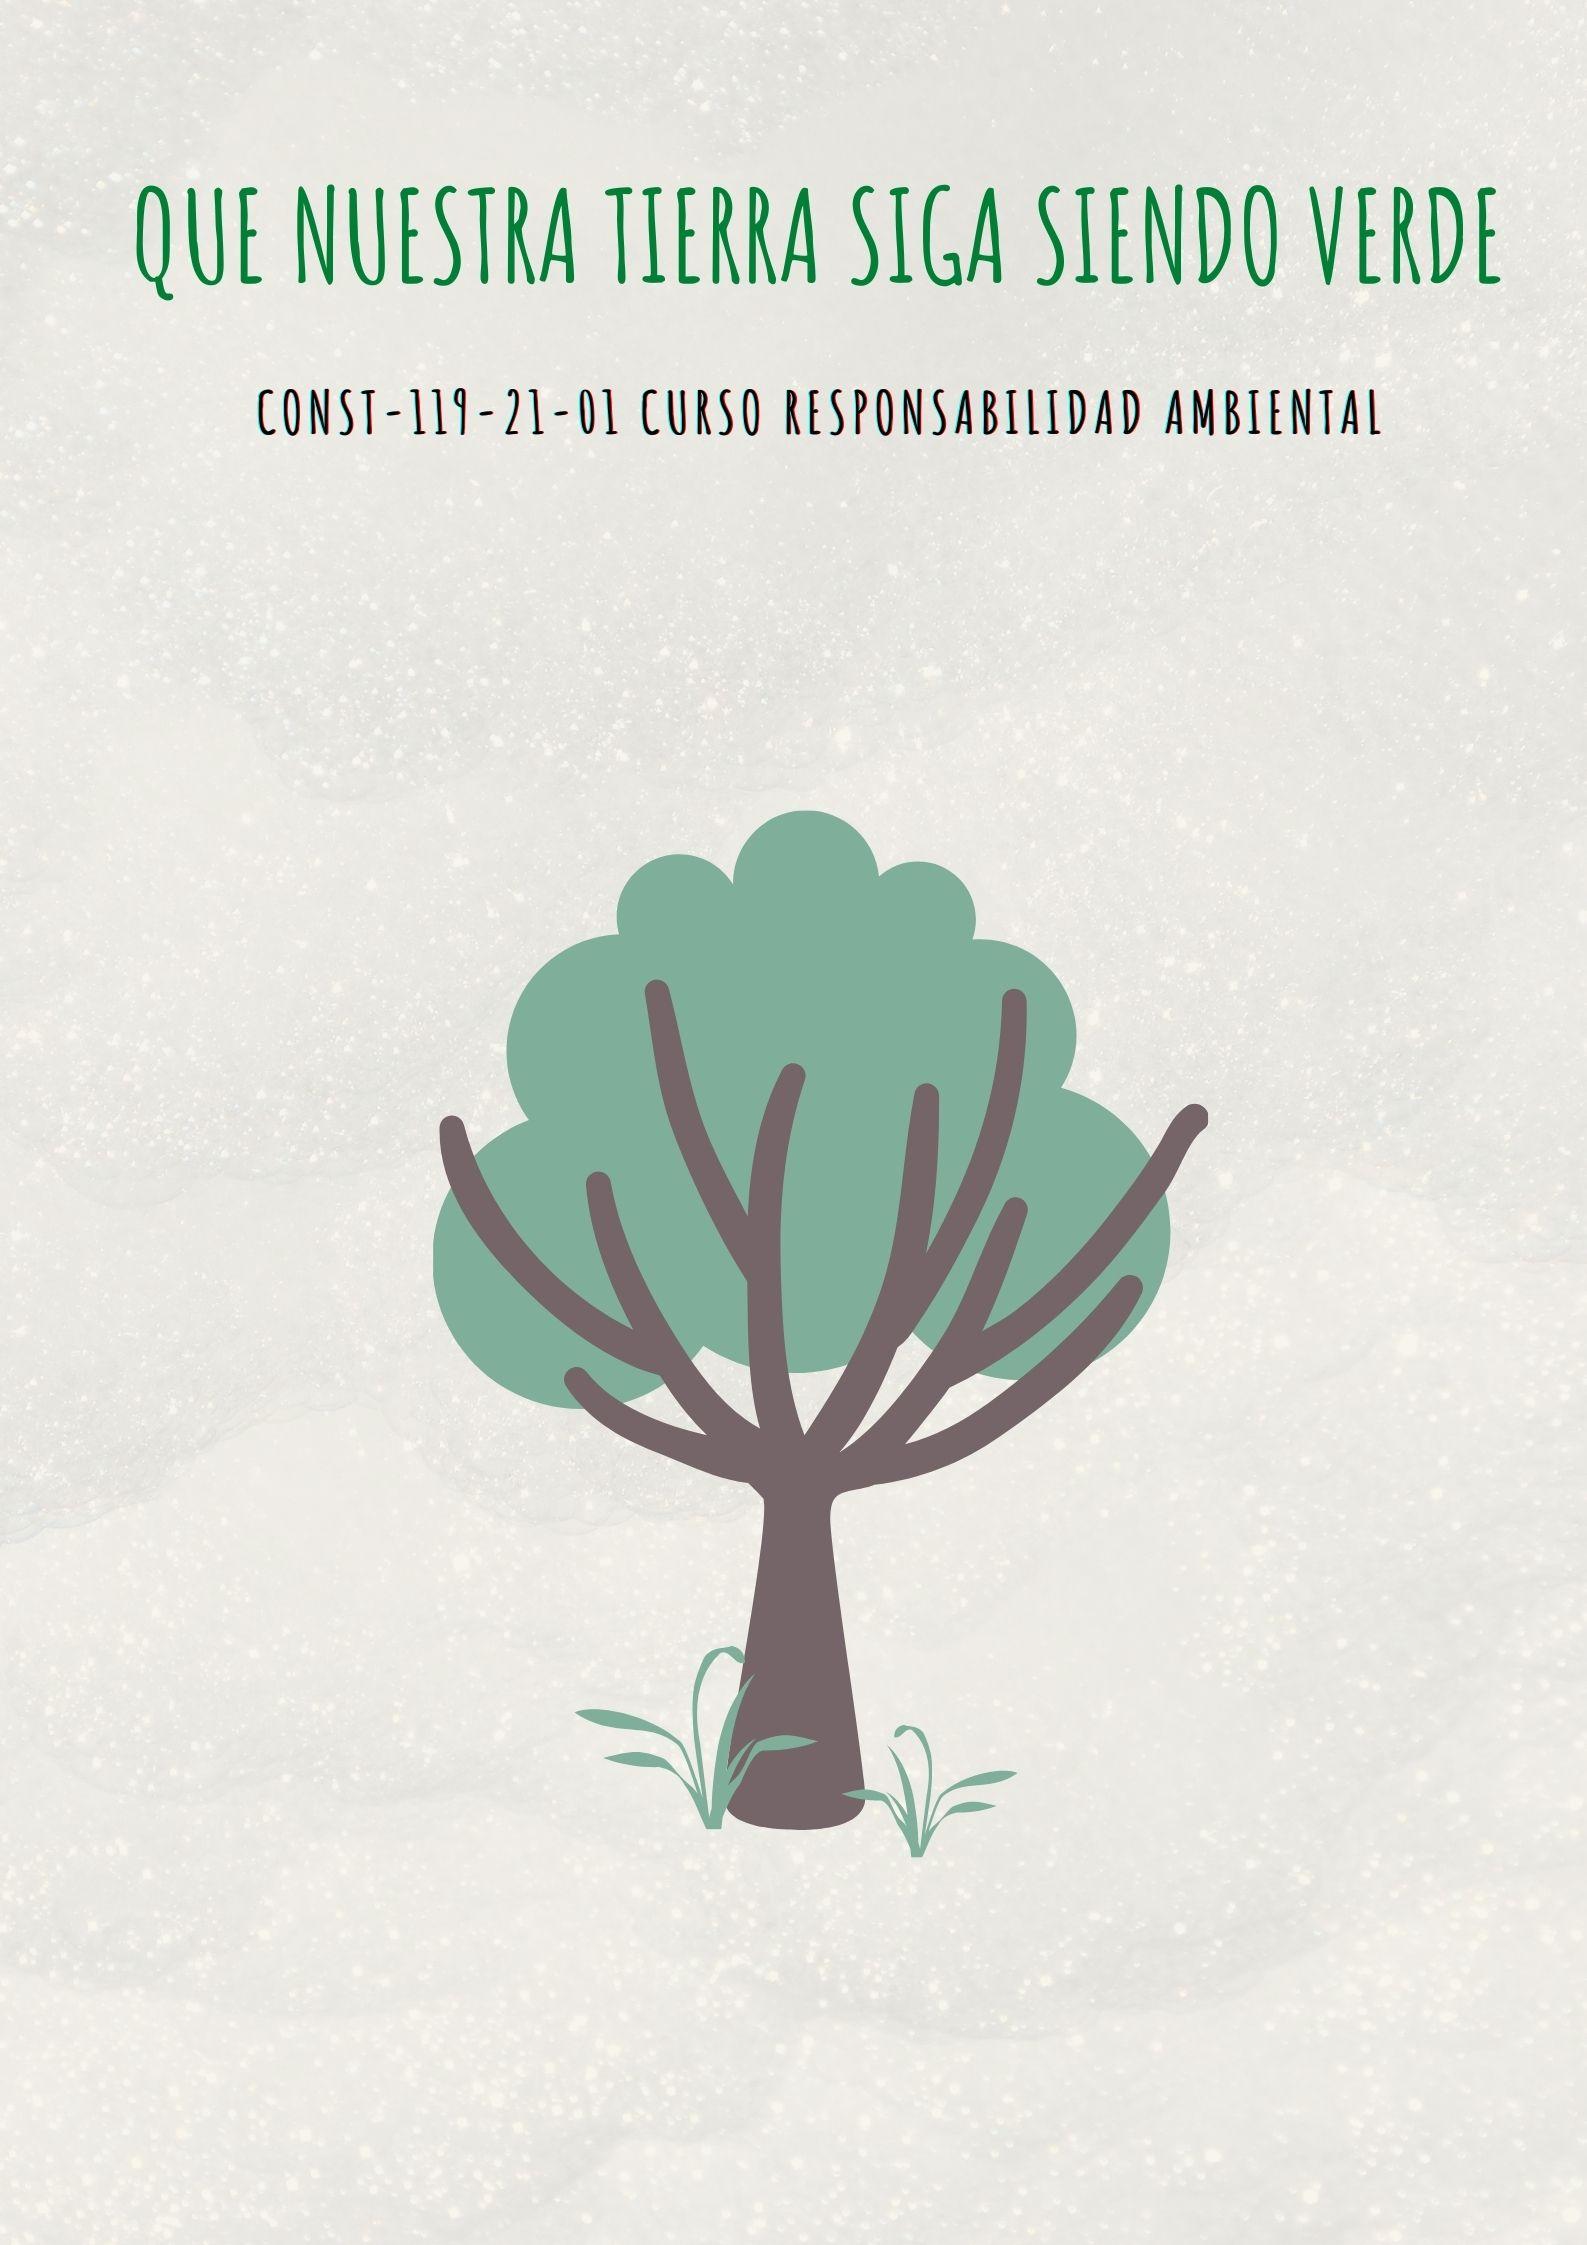 CONST-119-21-01 Curso Responsabilidad Ambiental